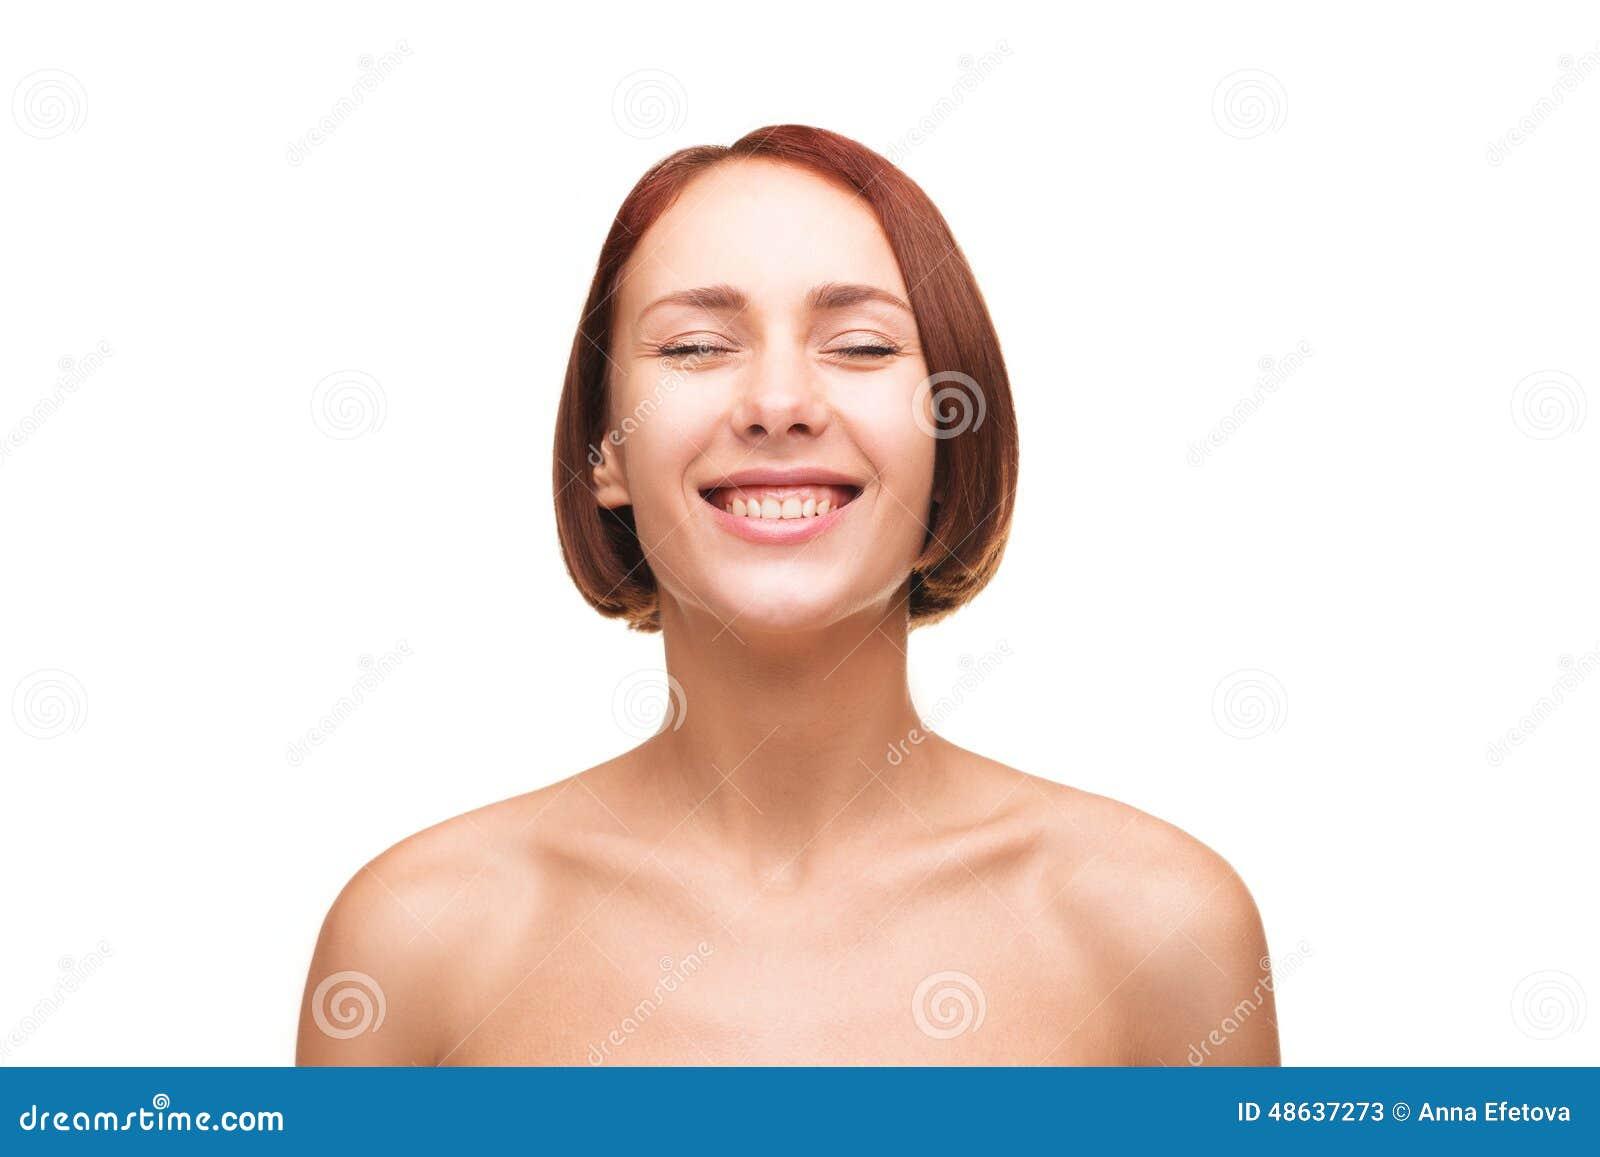 Lachende nackte Frauen stockbild. Bild von schönheit